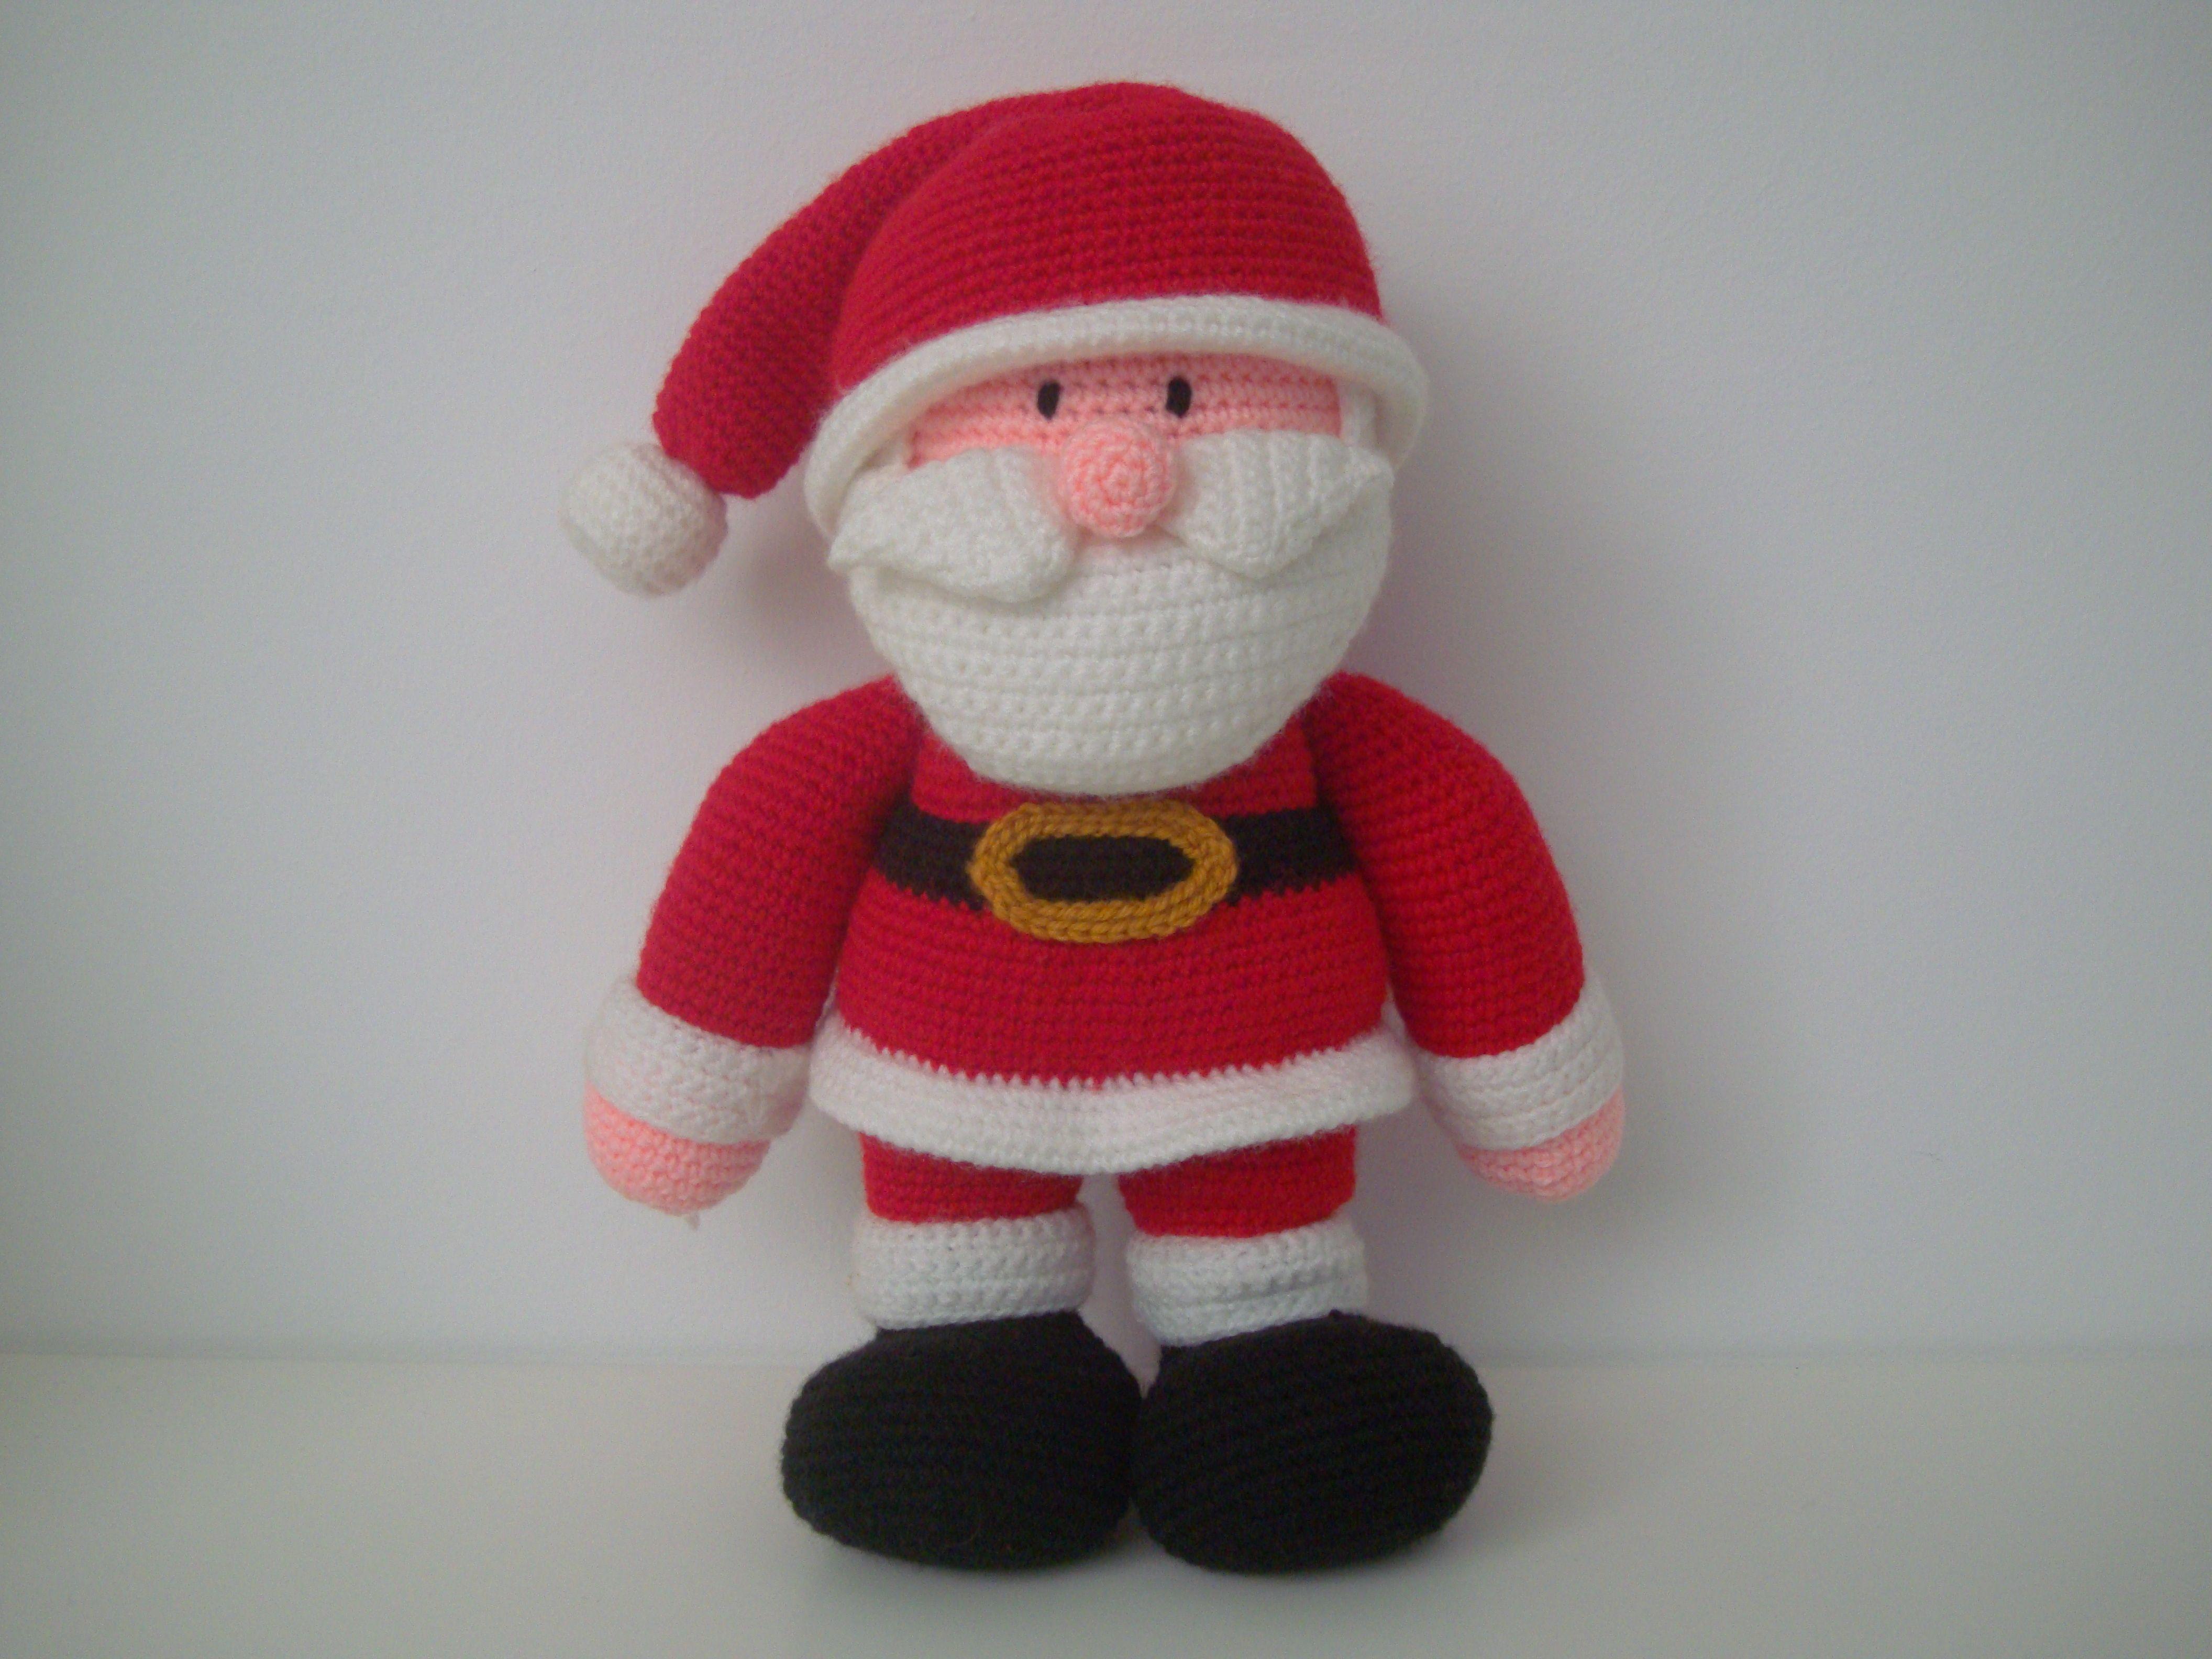 Amigurumi Santa Claus https://www.facebook.com/hilaria.fina ...